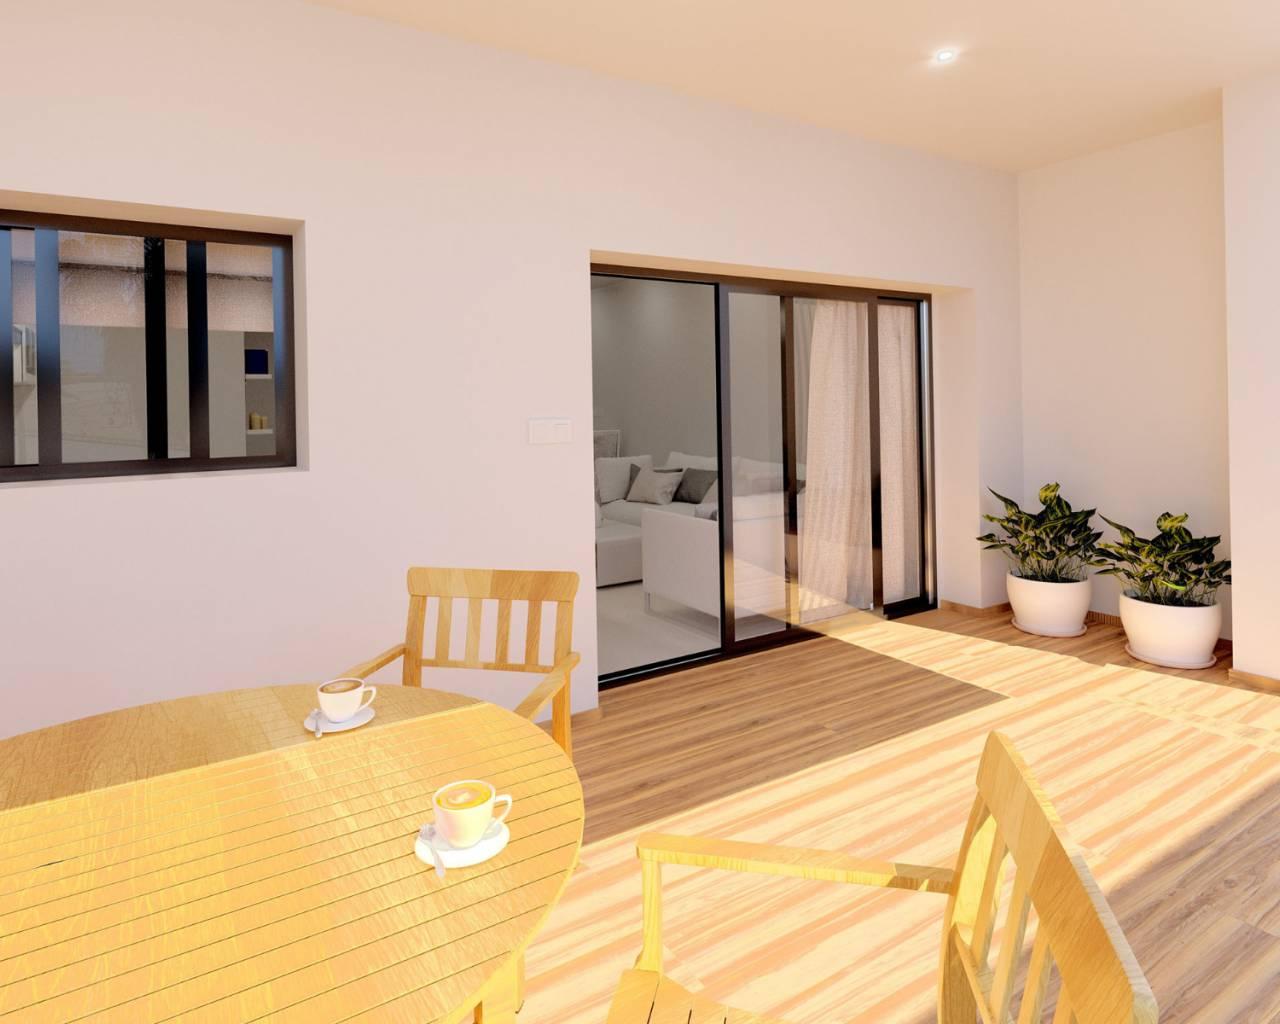 nieuwbouw-appartement-torrevieja-playa-del-cura_2516_xl